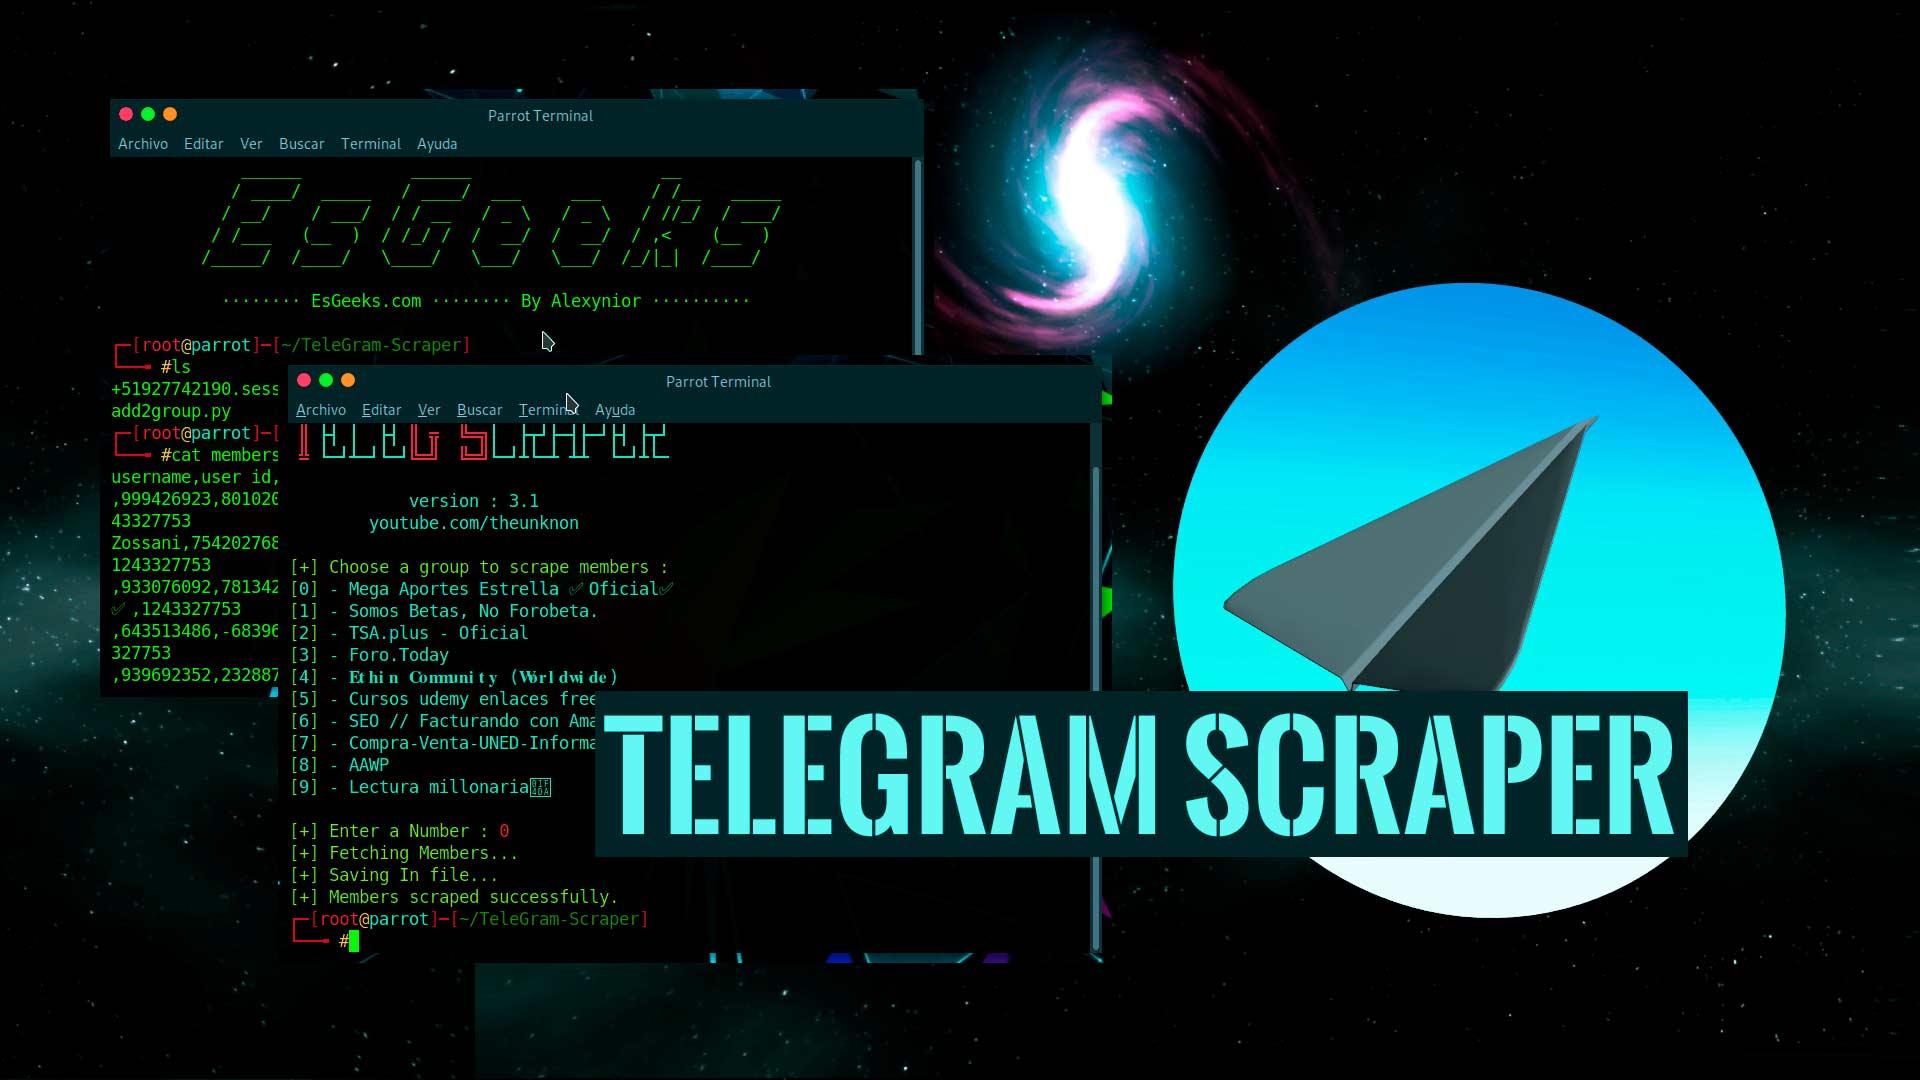 TeleGram Scraper Scraping Grupos Usuarios